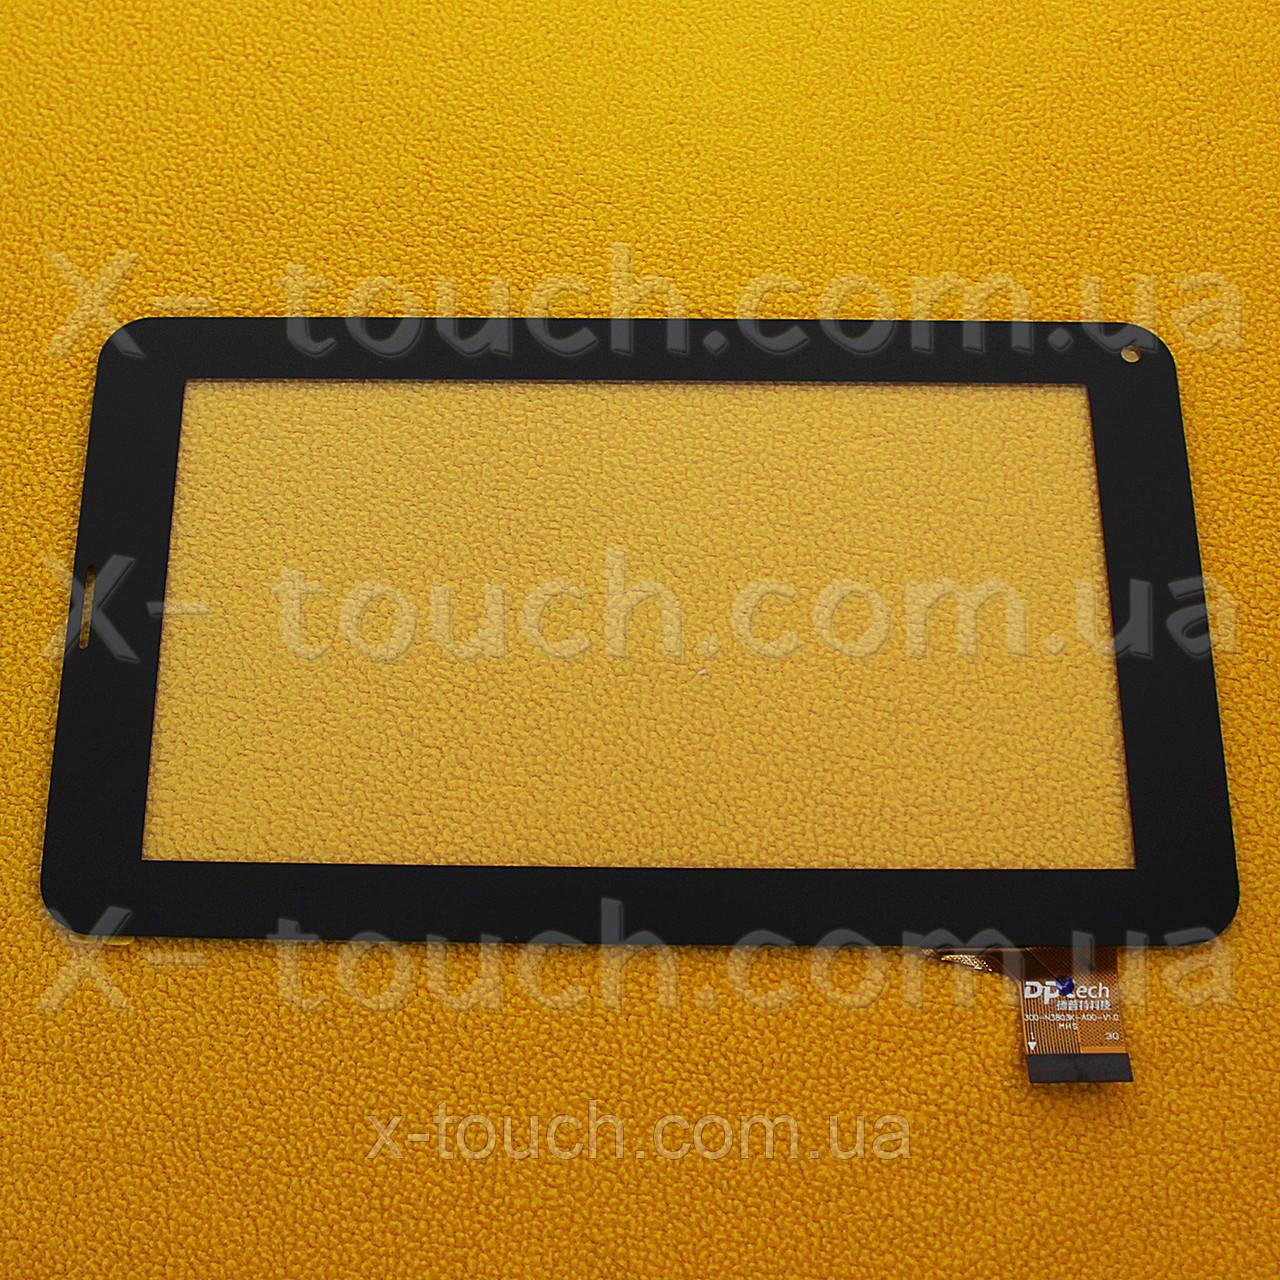 XC-PG0700-1088A0 тачскрин для планшета 7,0 дюймов, черный